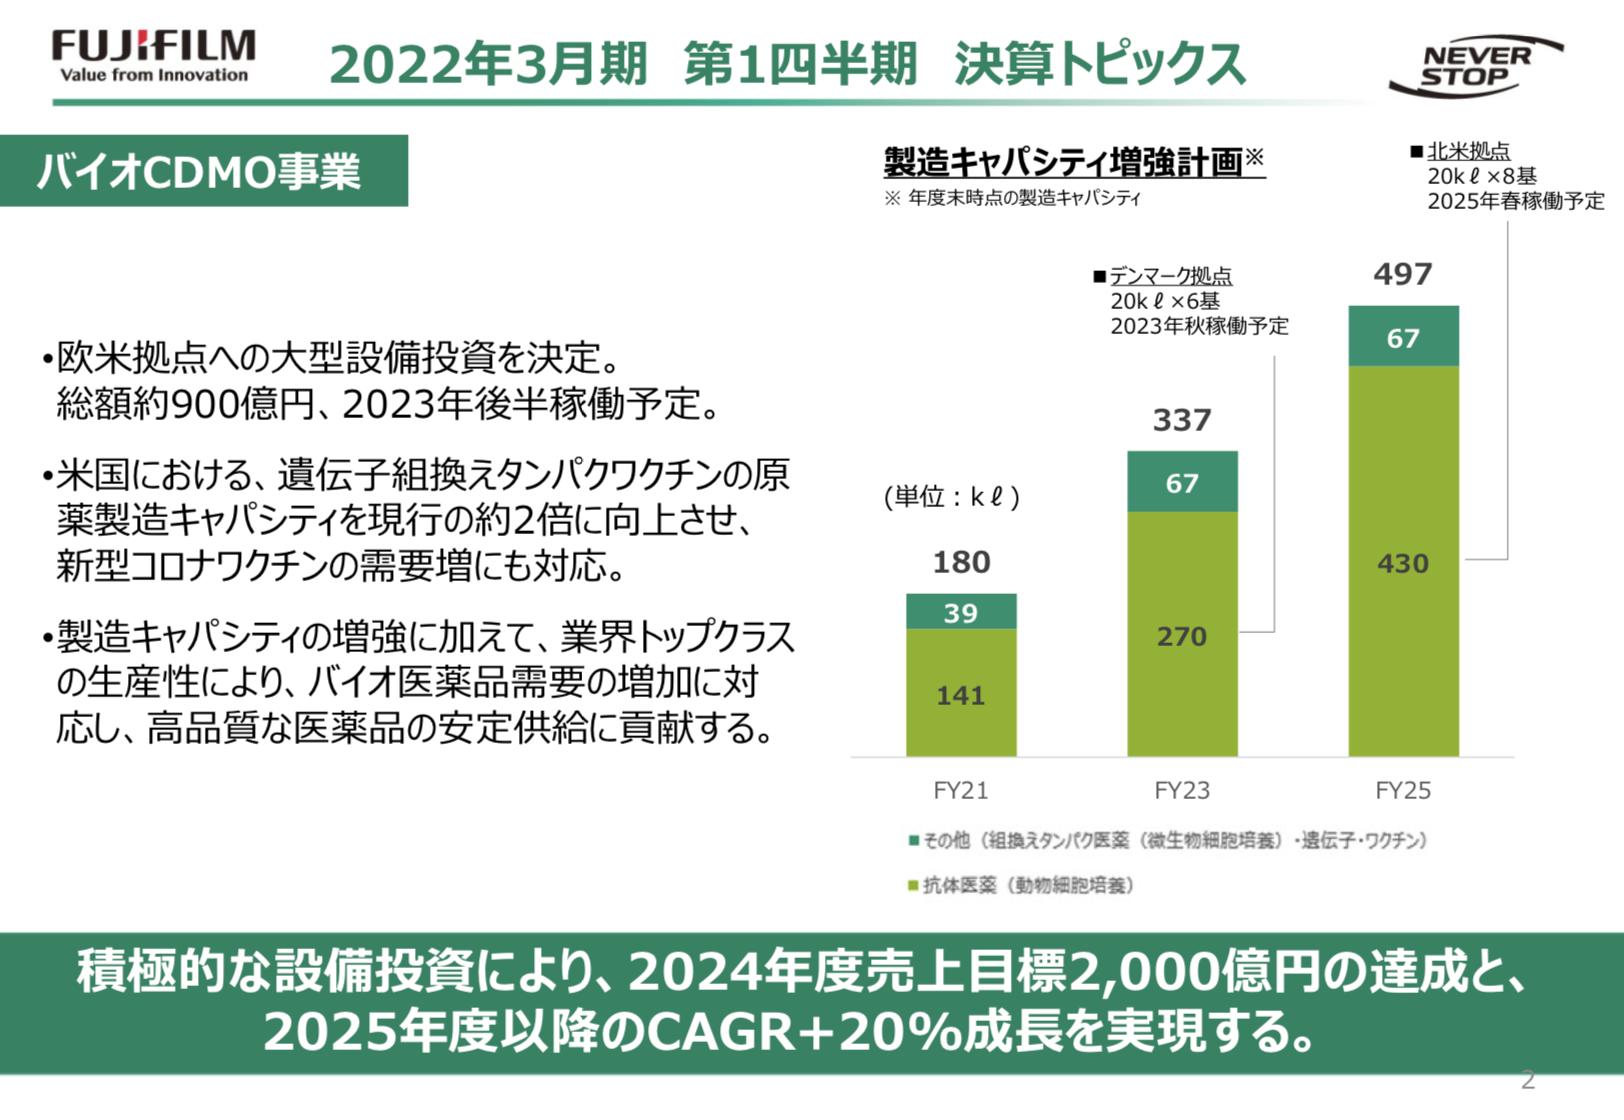 富士フイルムホールディングス 2021年度1Q決算を徹底解説! さとり世代の株日記 資産運用 株 投資 資産形成